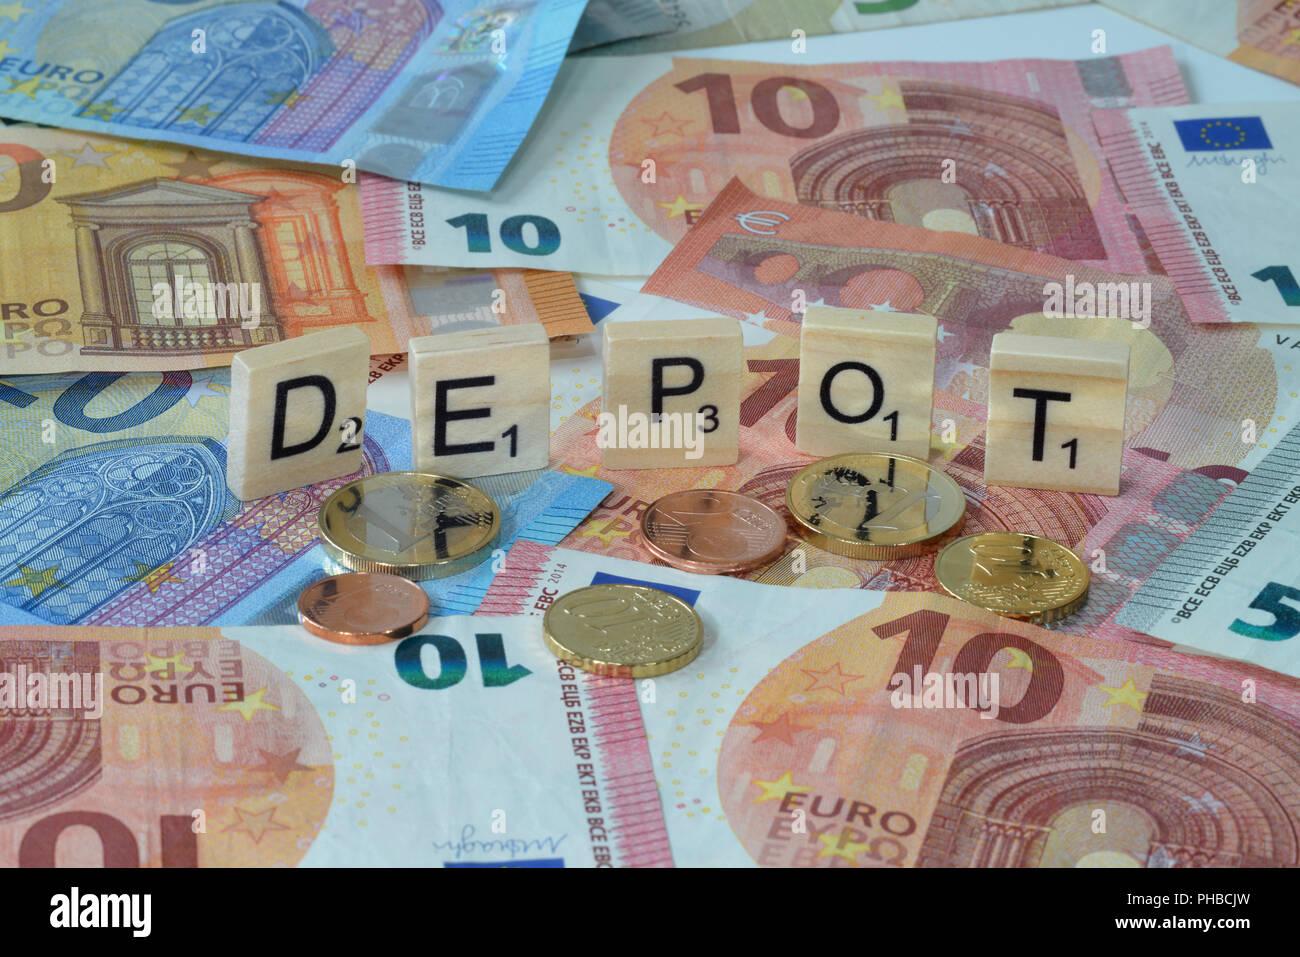 Symbolfoto Wirtschaftsbegriff Depot - Stock Image